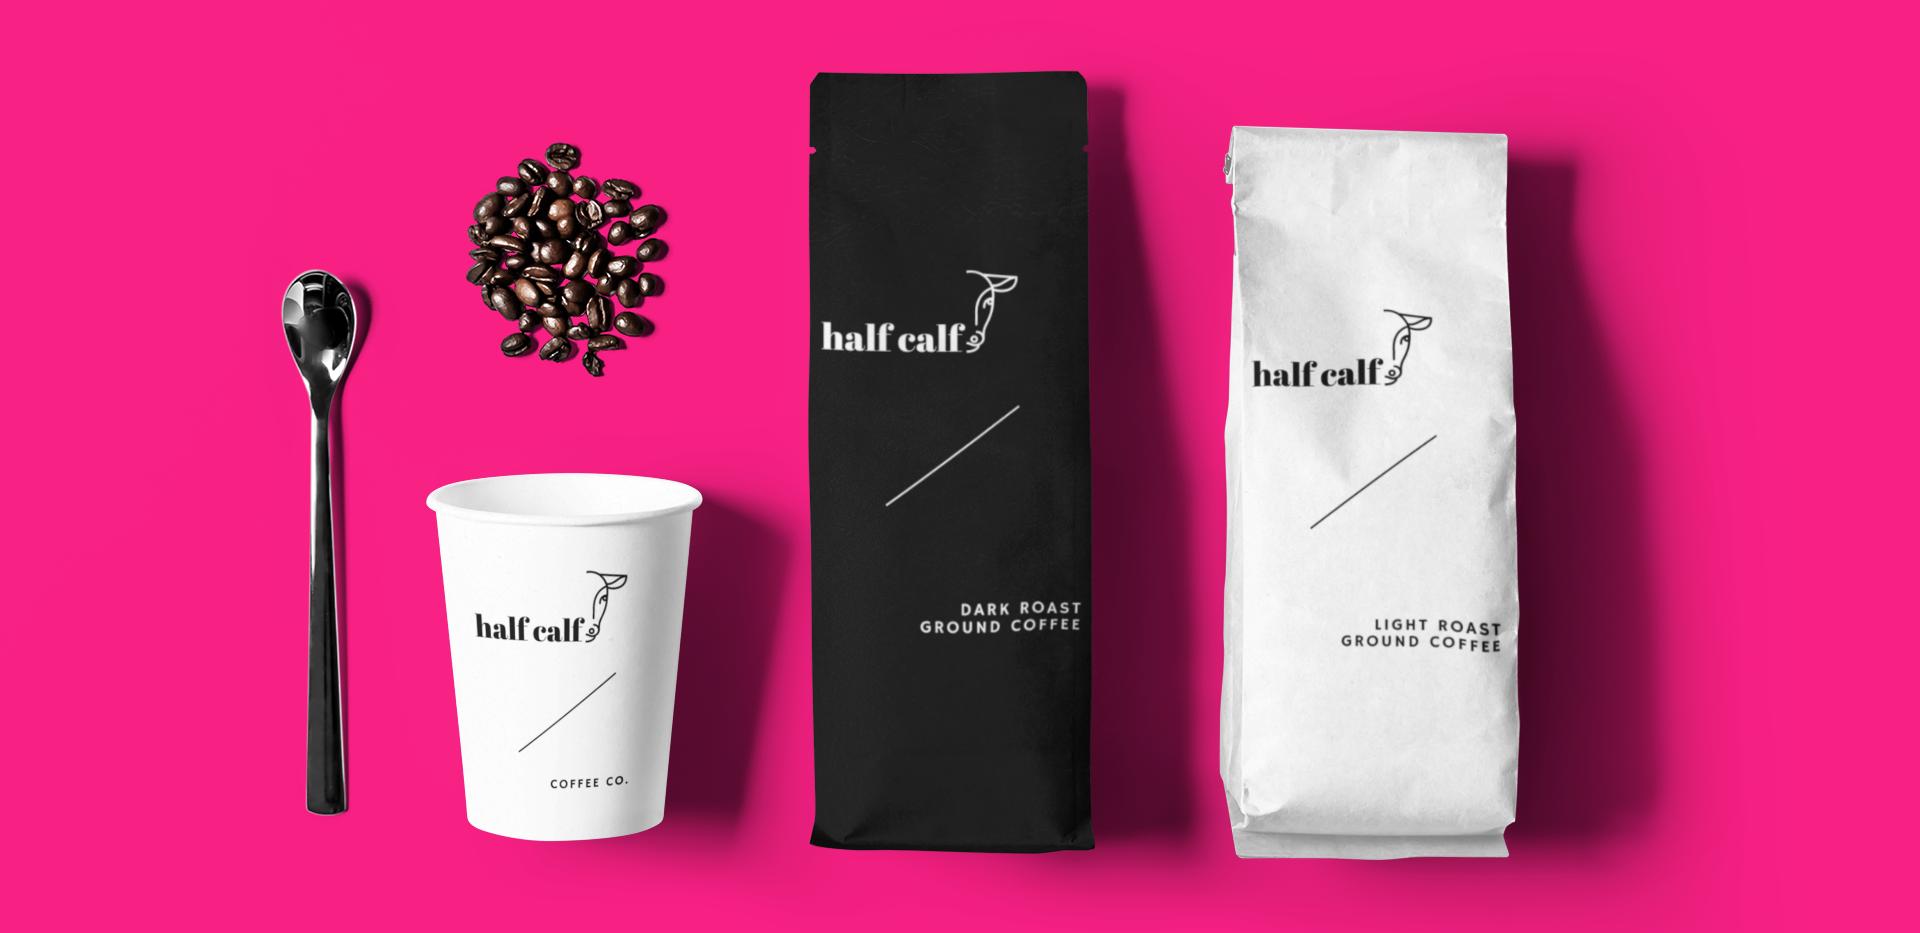 'Half Calf' Coffee Company Concept